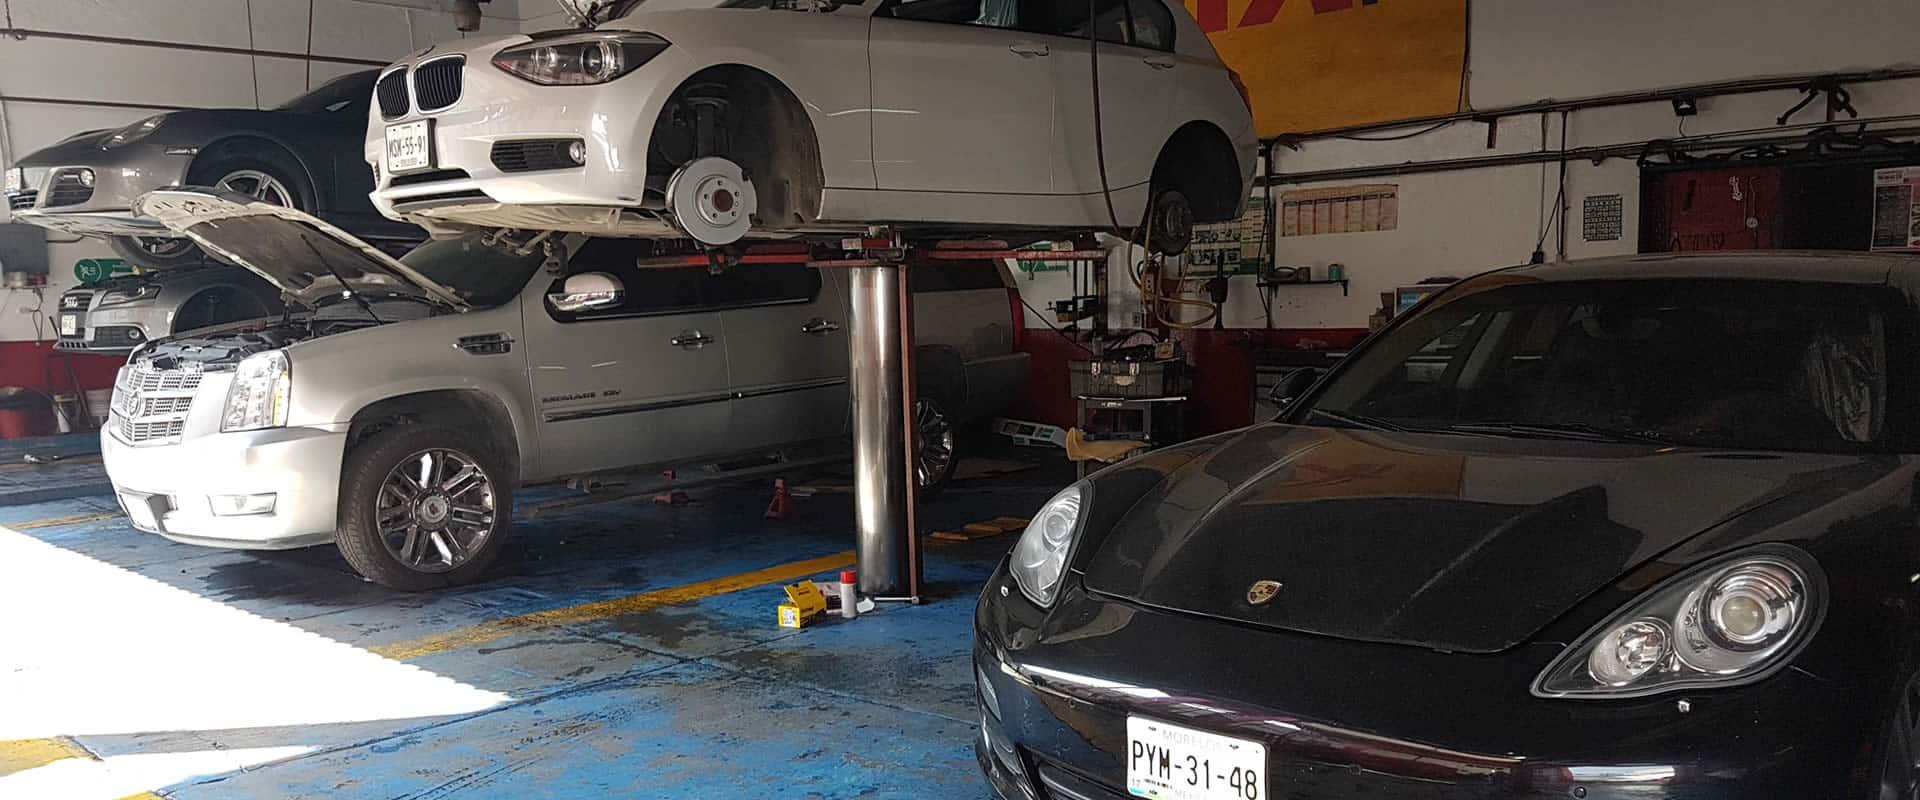 Servicio mecánico multimarca